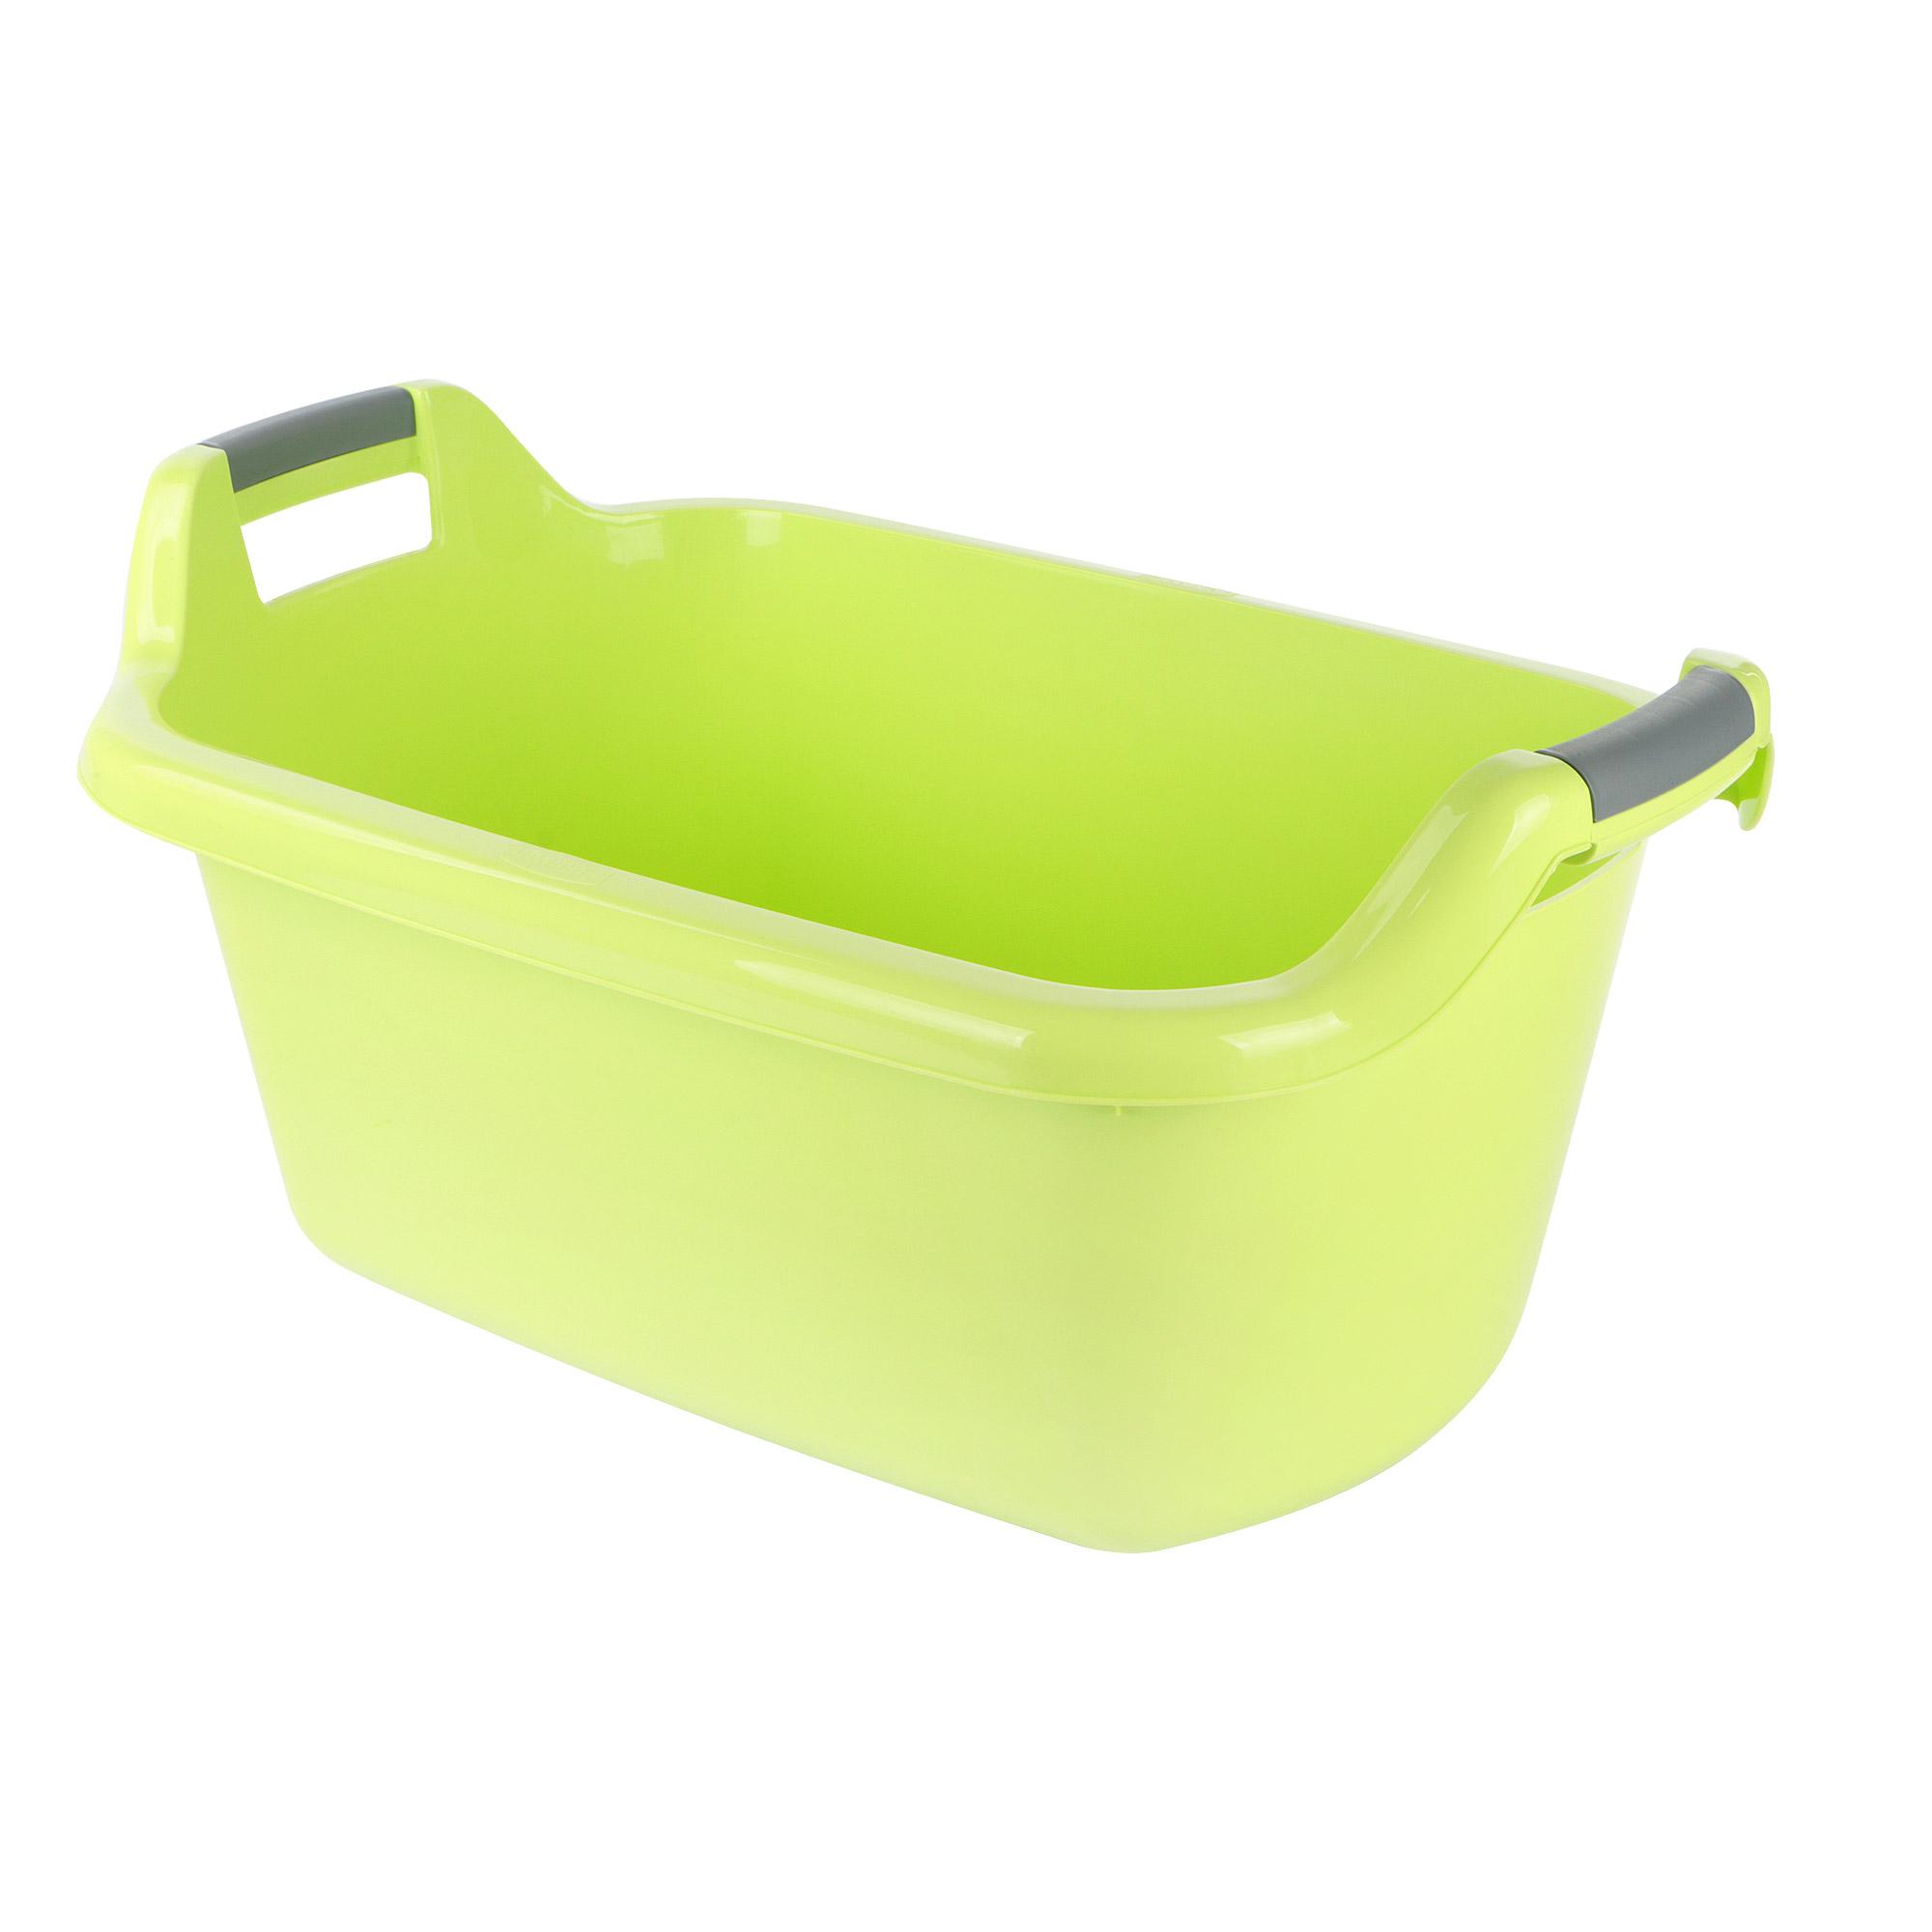 Фото - Таз круглый с ручками Curver 35л зеленый таз волна 20л 45см круглый с ручками пластик микс цвета